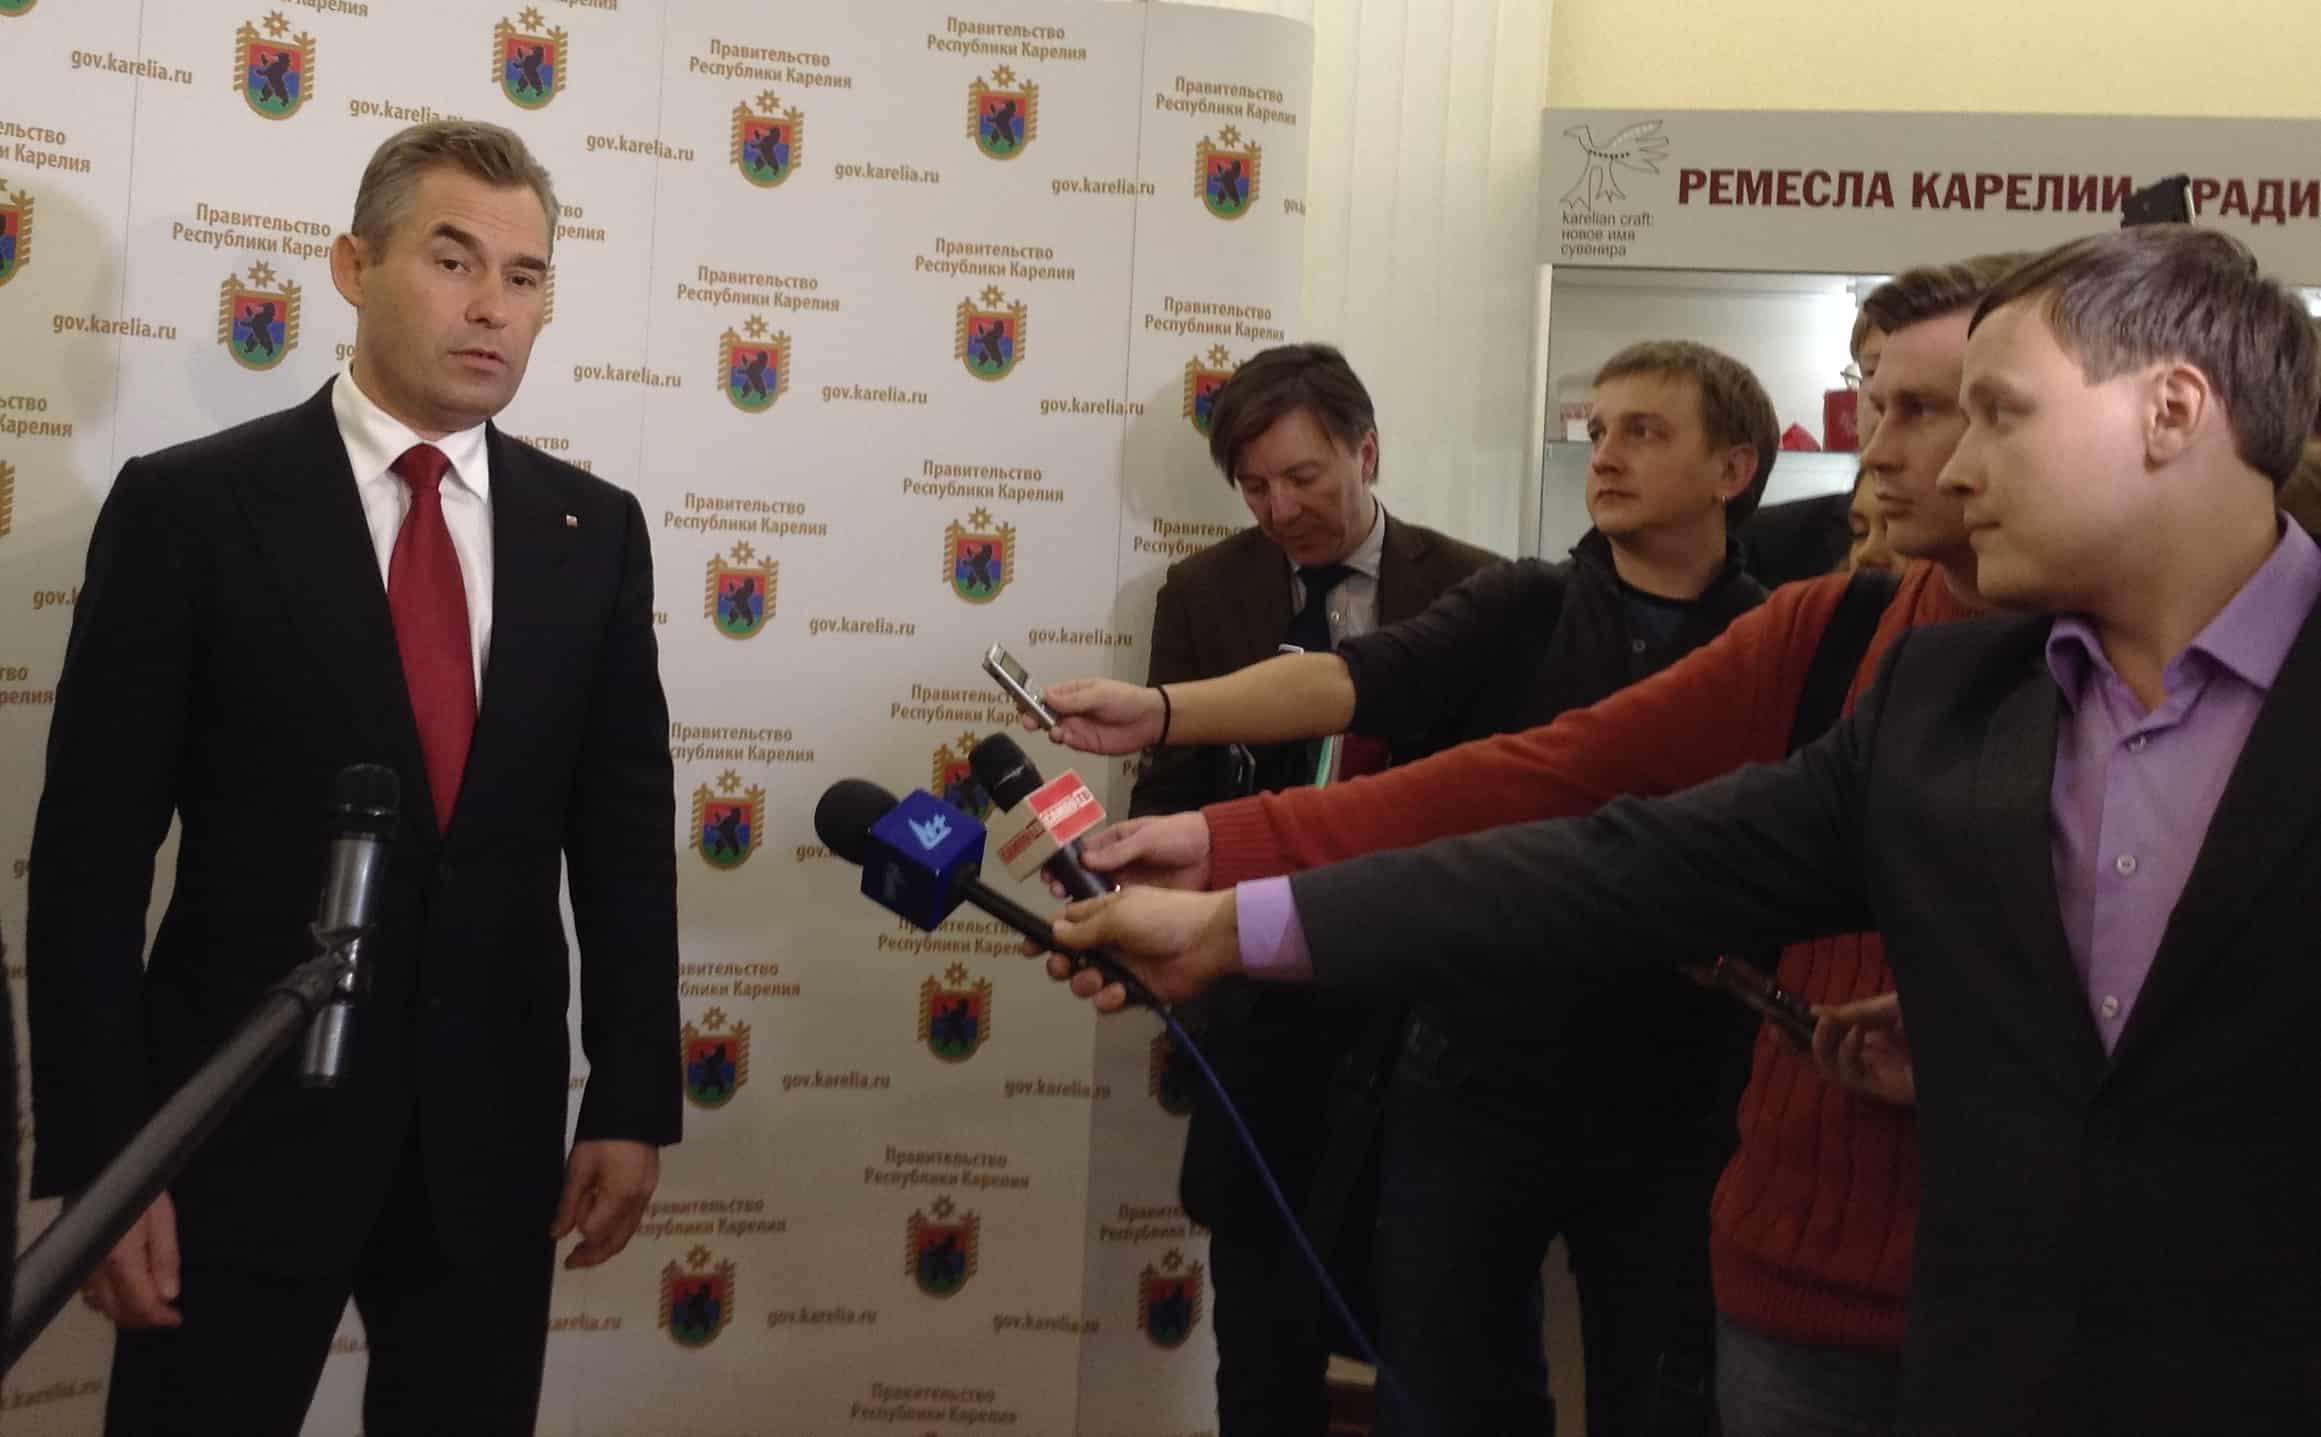 Павел Астахов привел Карелии в пример Иваново, Кемерово и Чечню